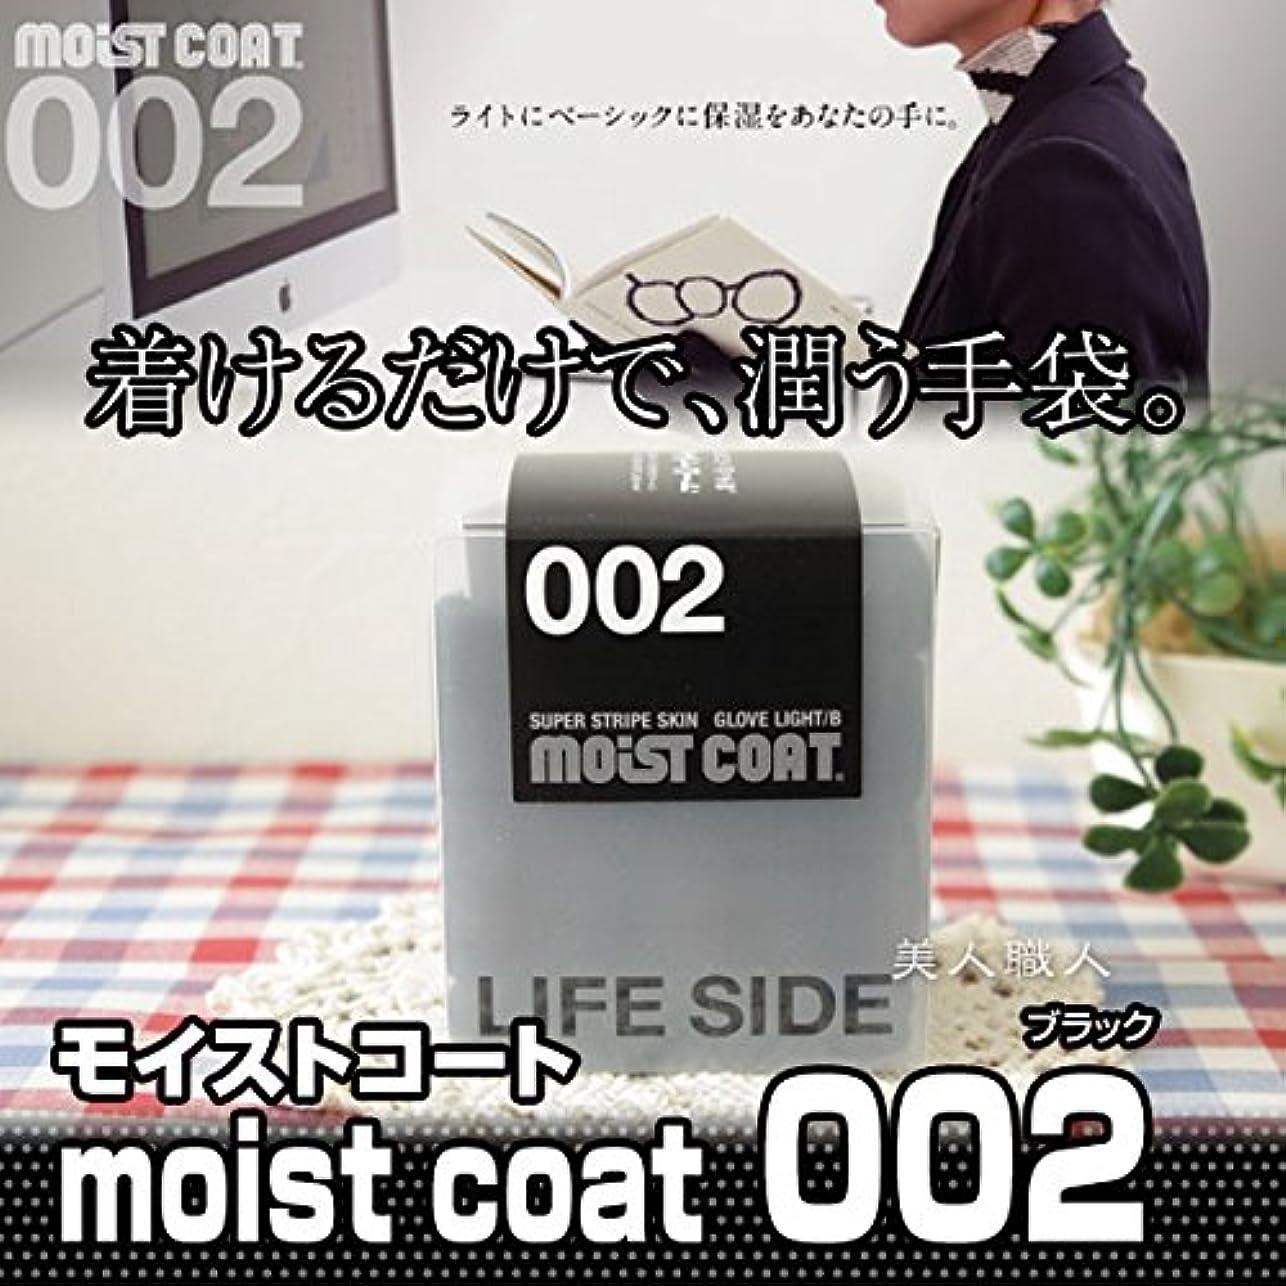 ビリーヤギ昼食タイルコラーゲン手袋 モイストコート002 ブラック